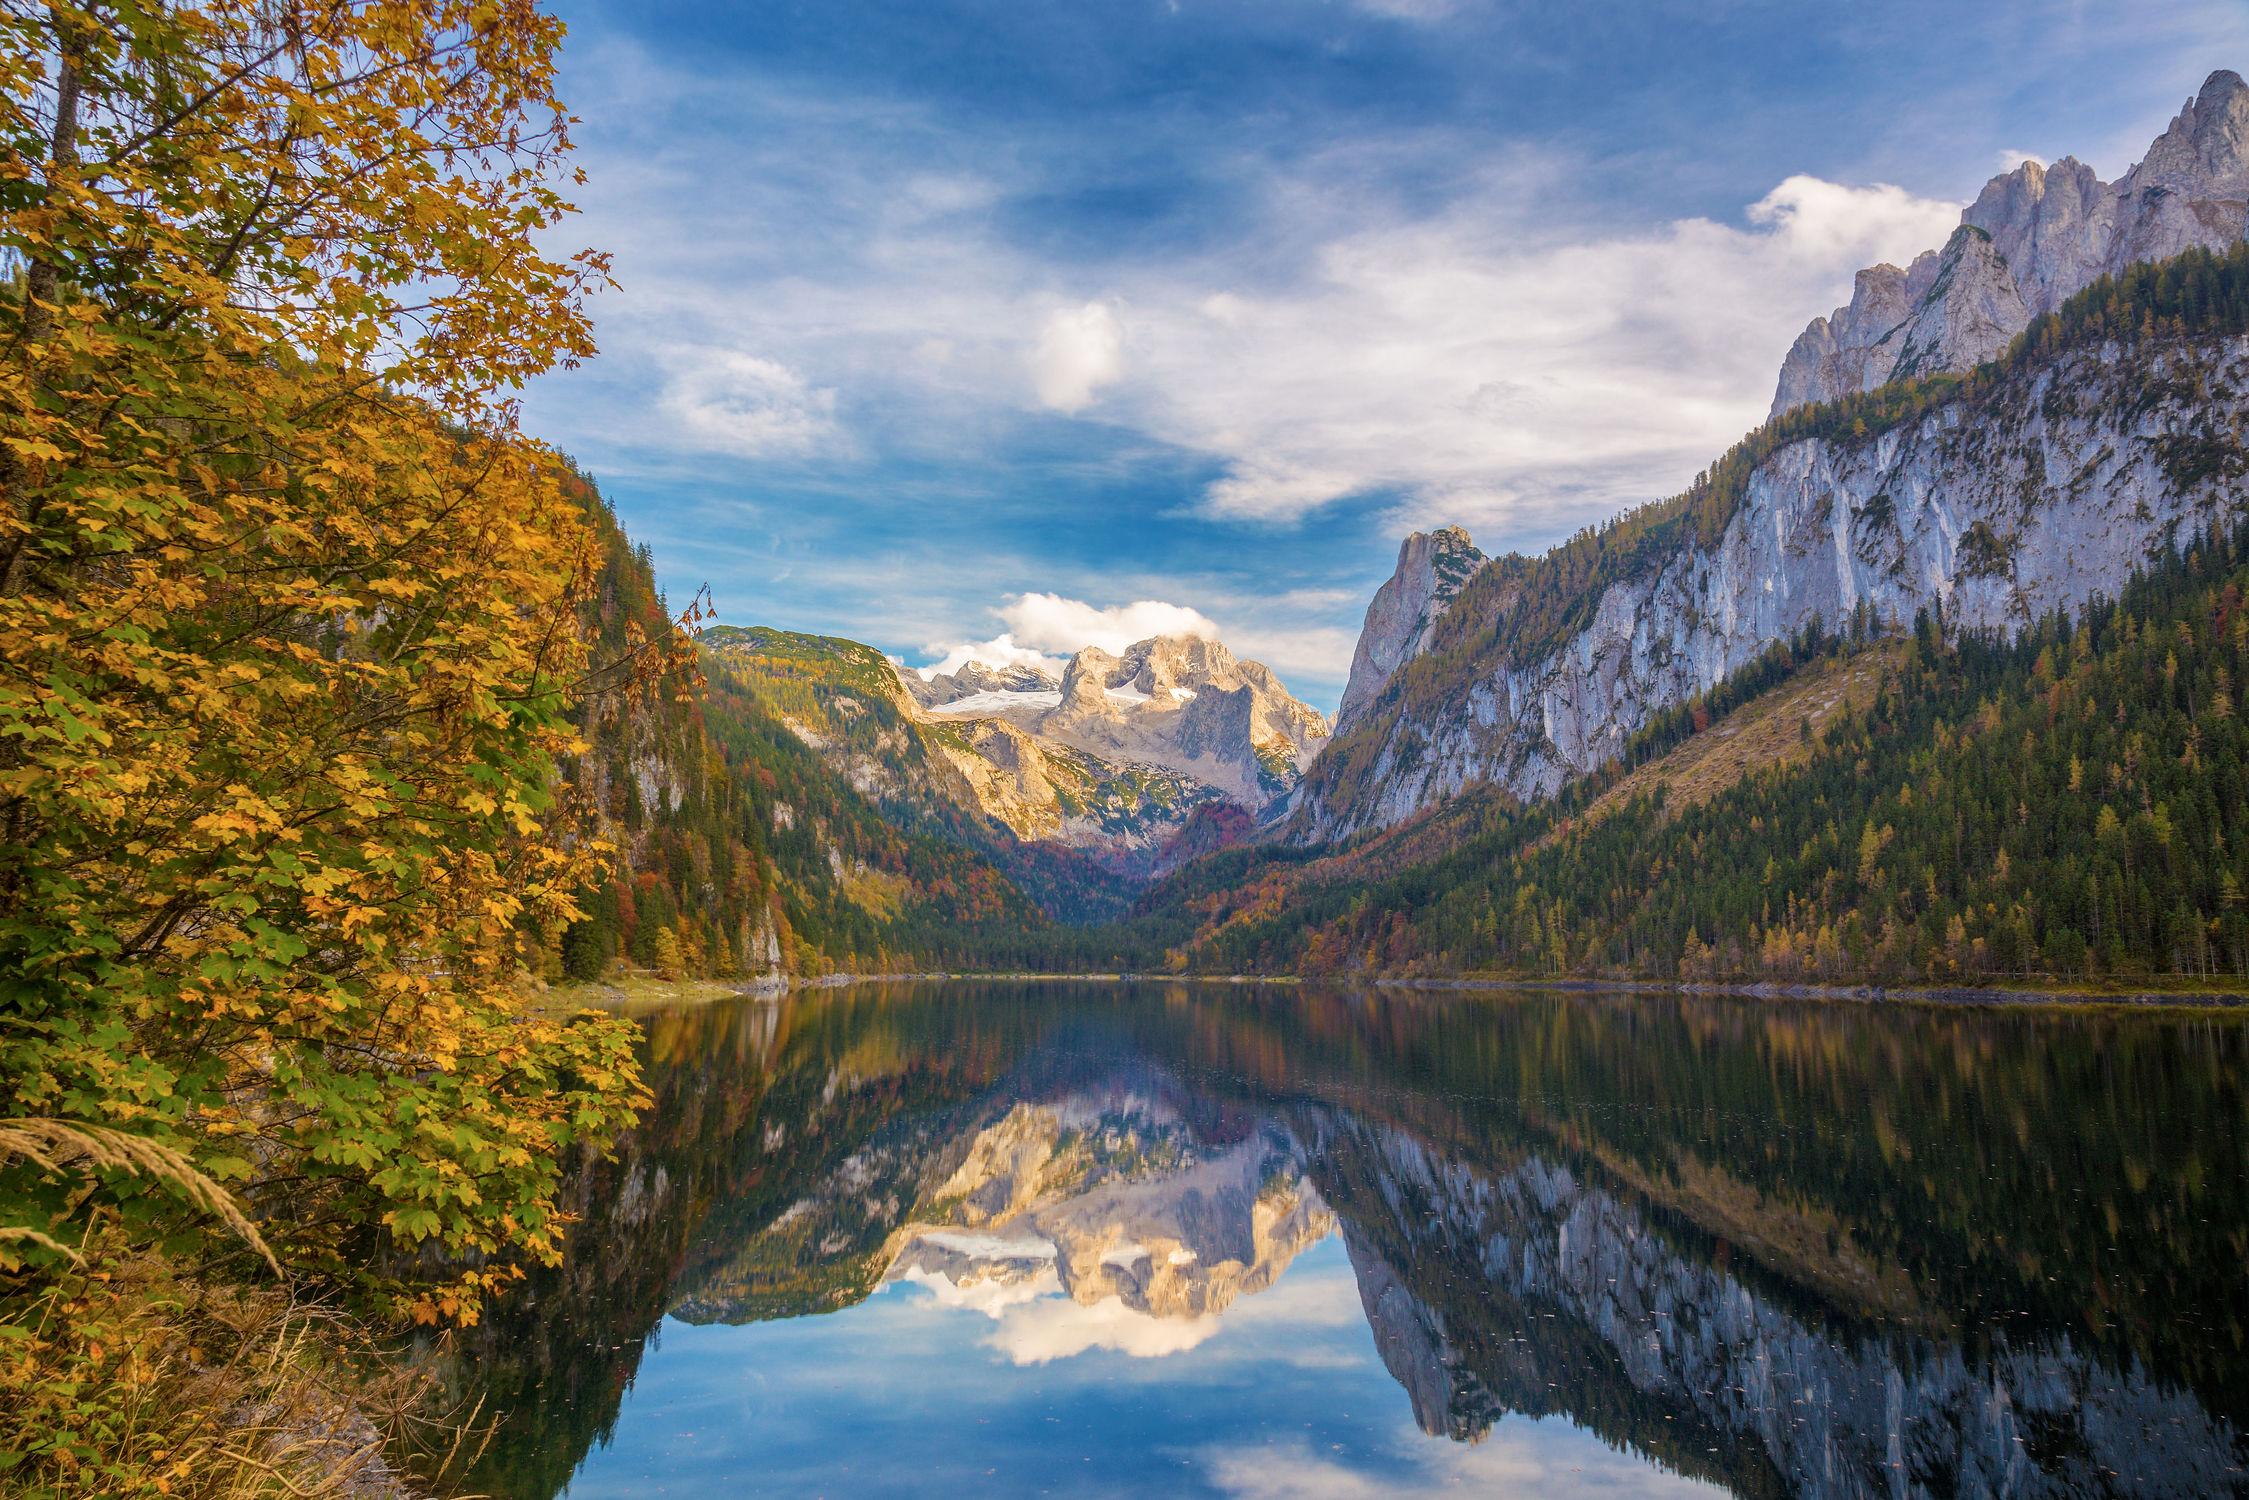 Bild mit Natur, Wasser, Berge, Sonne, Alpen, See, berg, Gebirge, Fluss